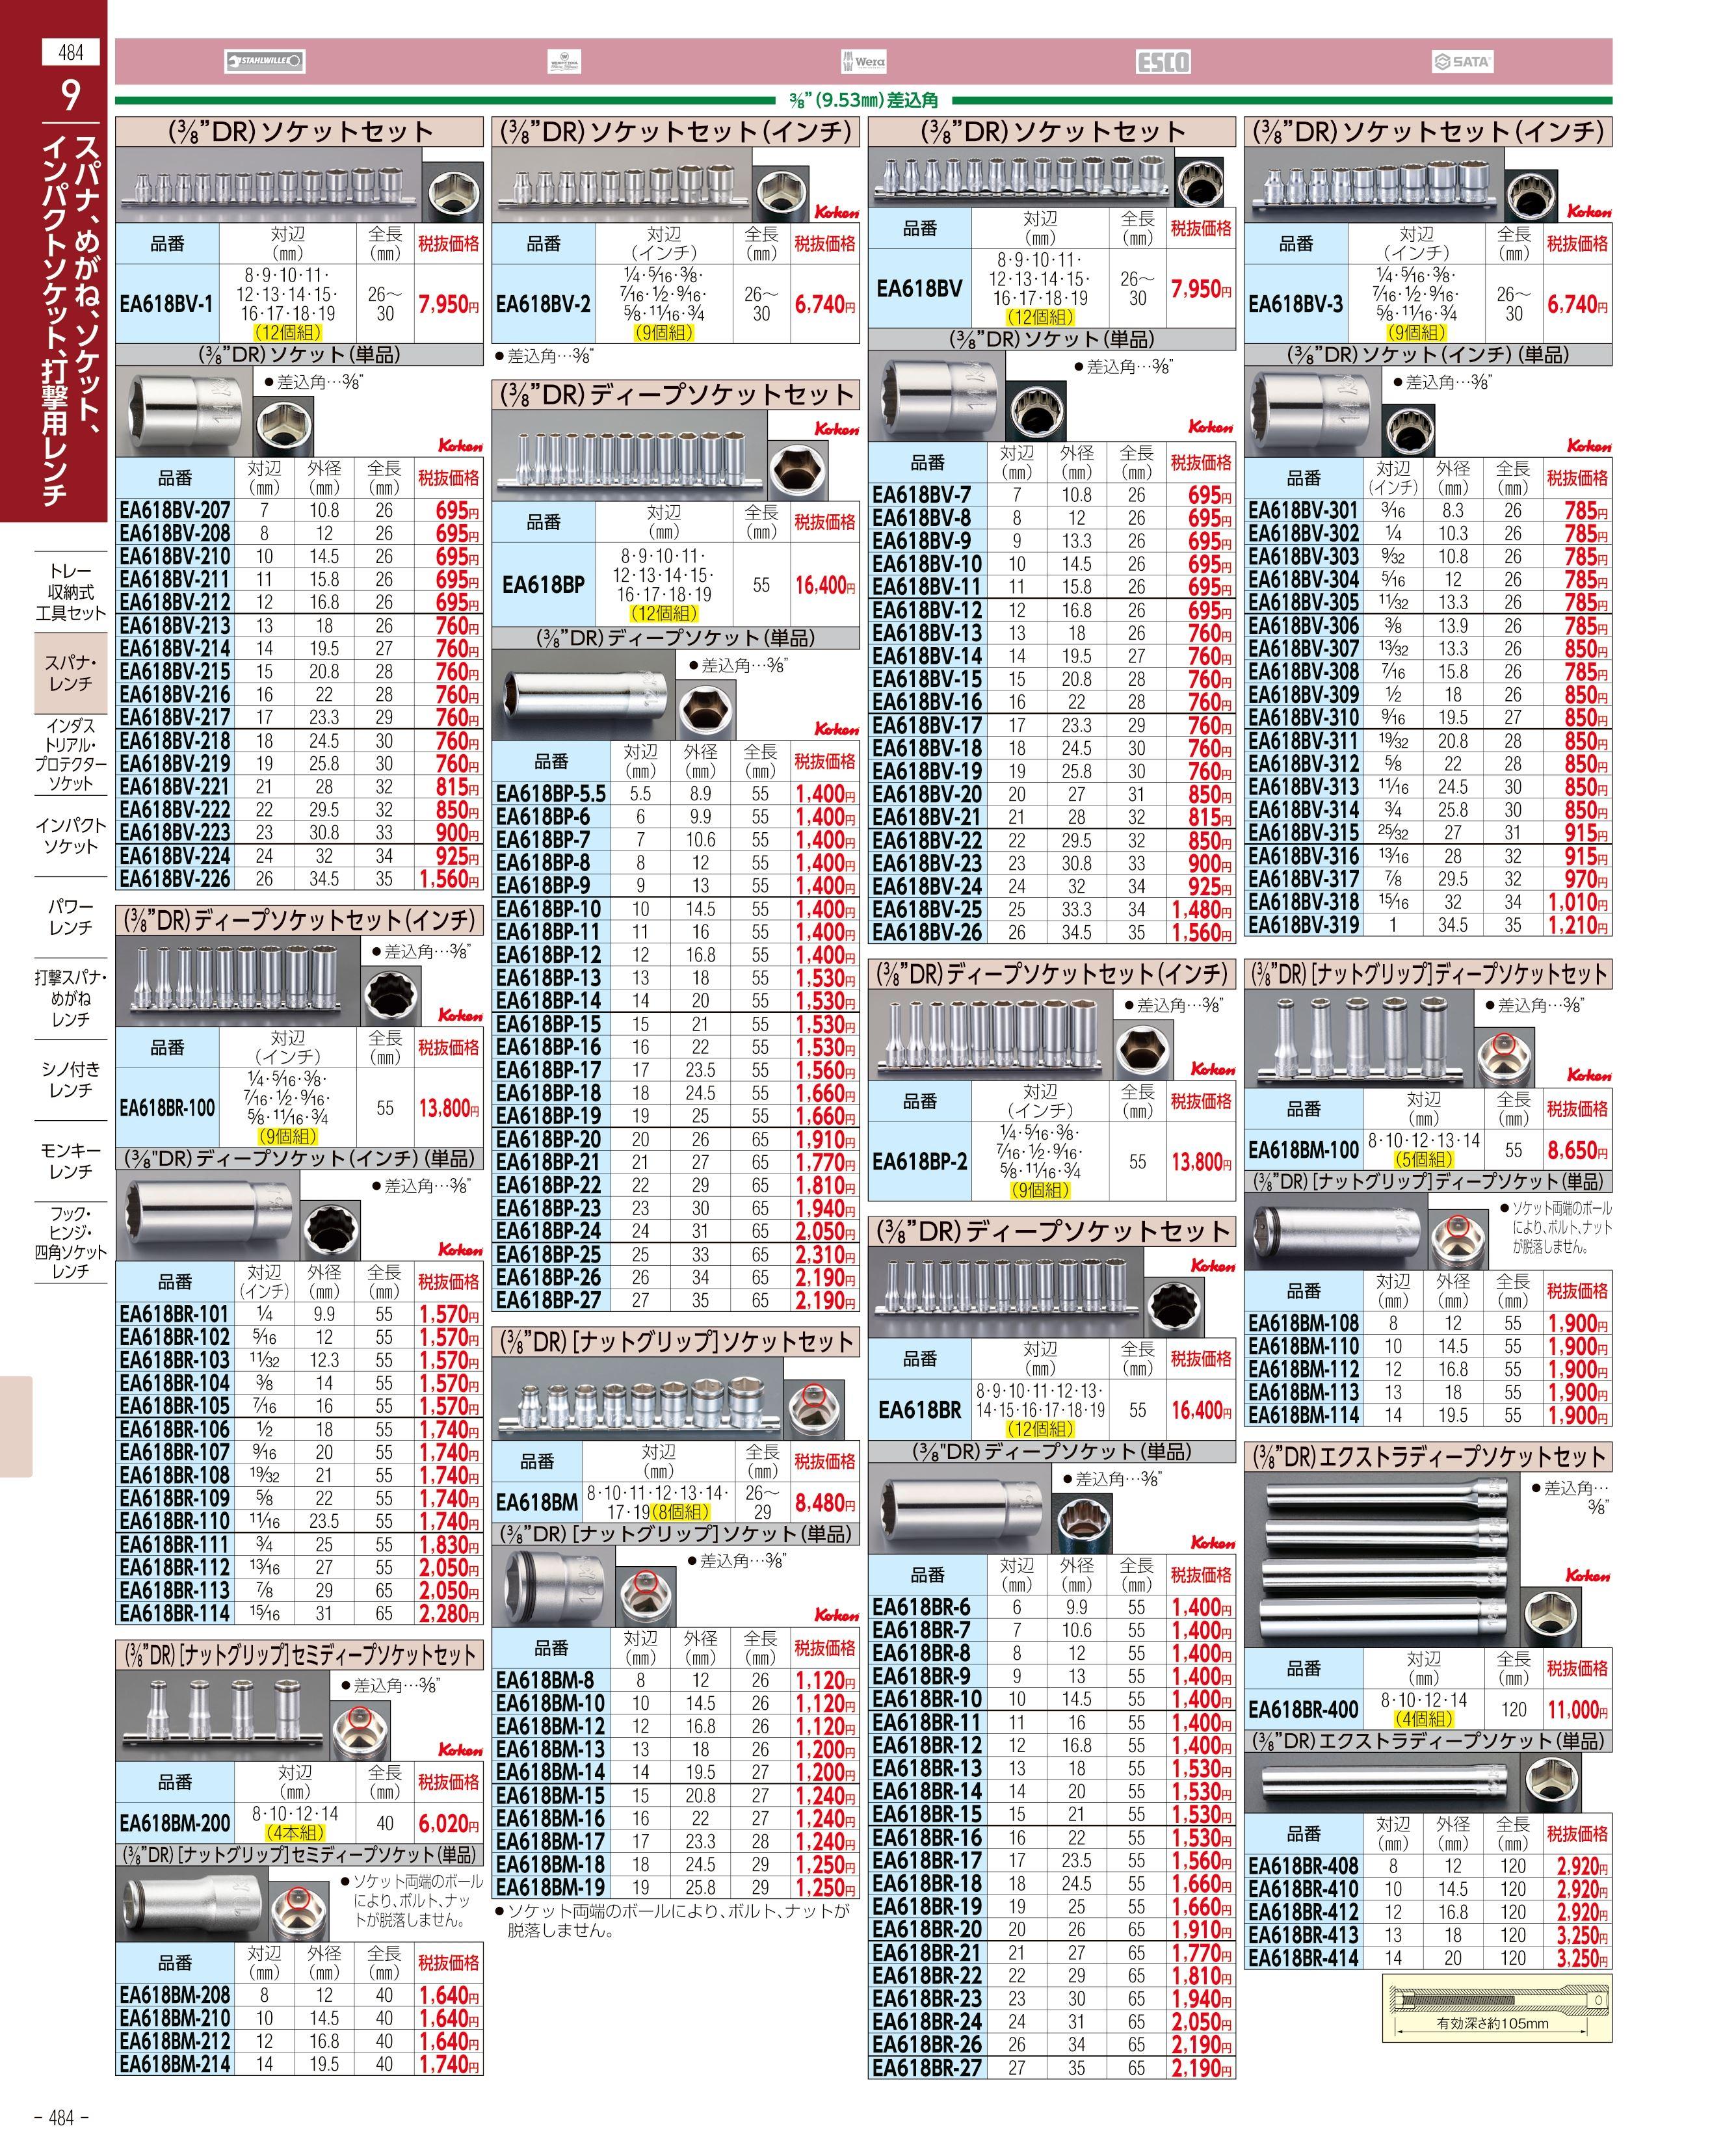 エスコ便利カタログ484ページ